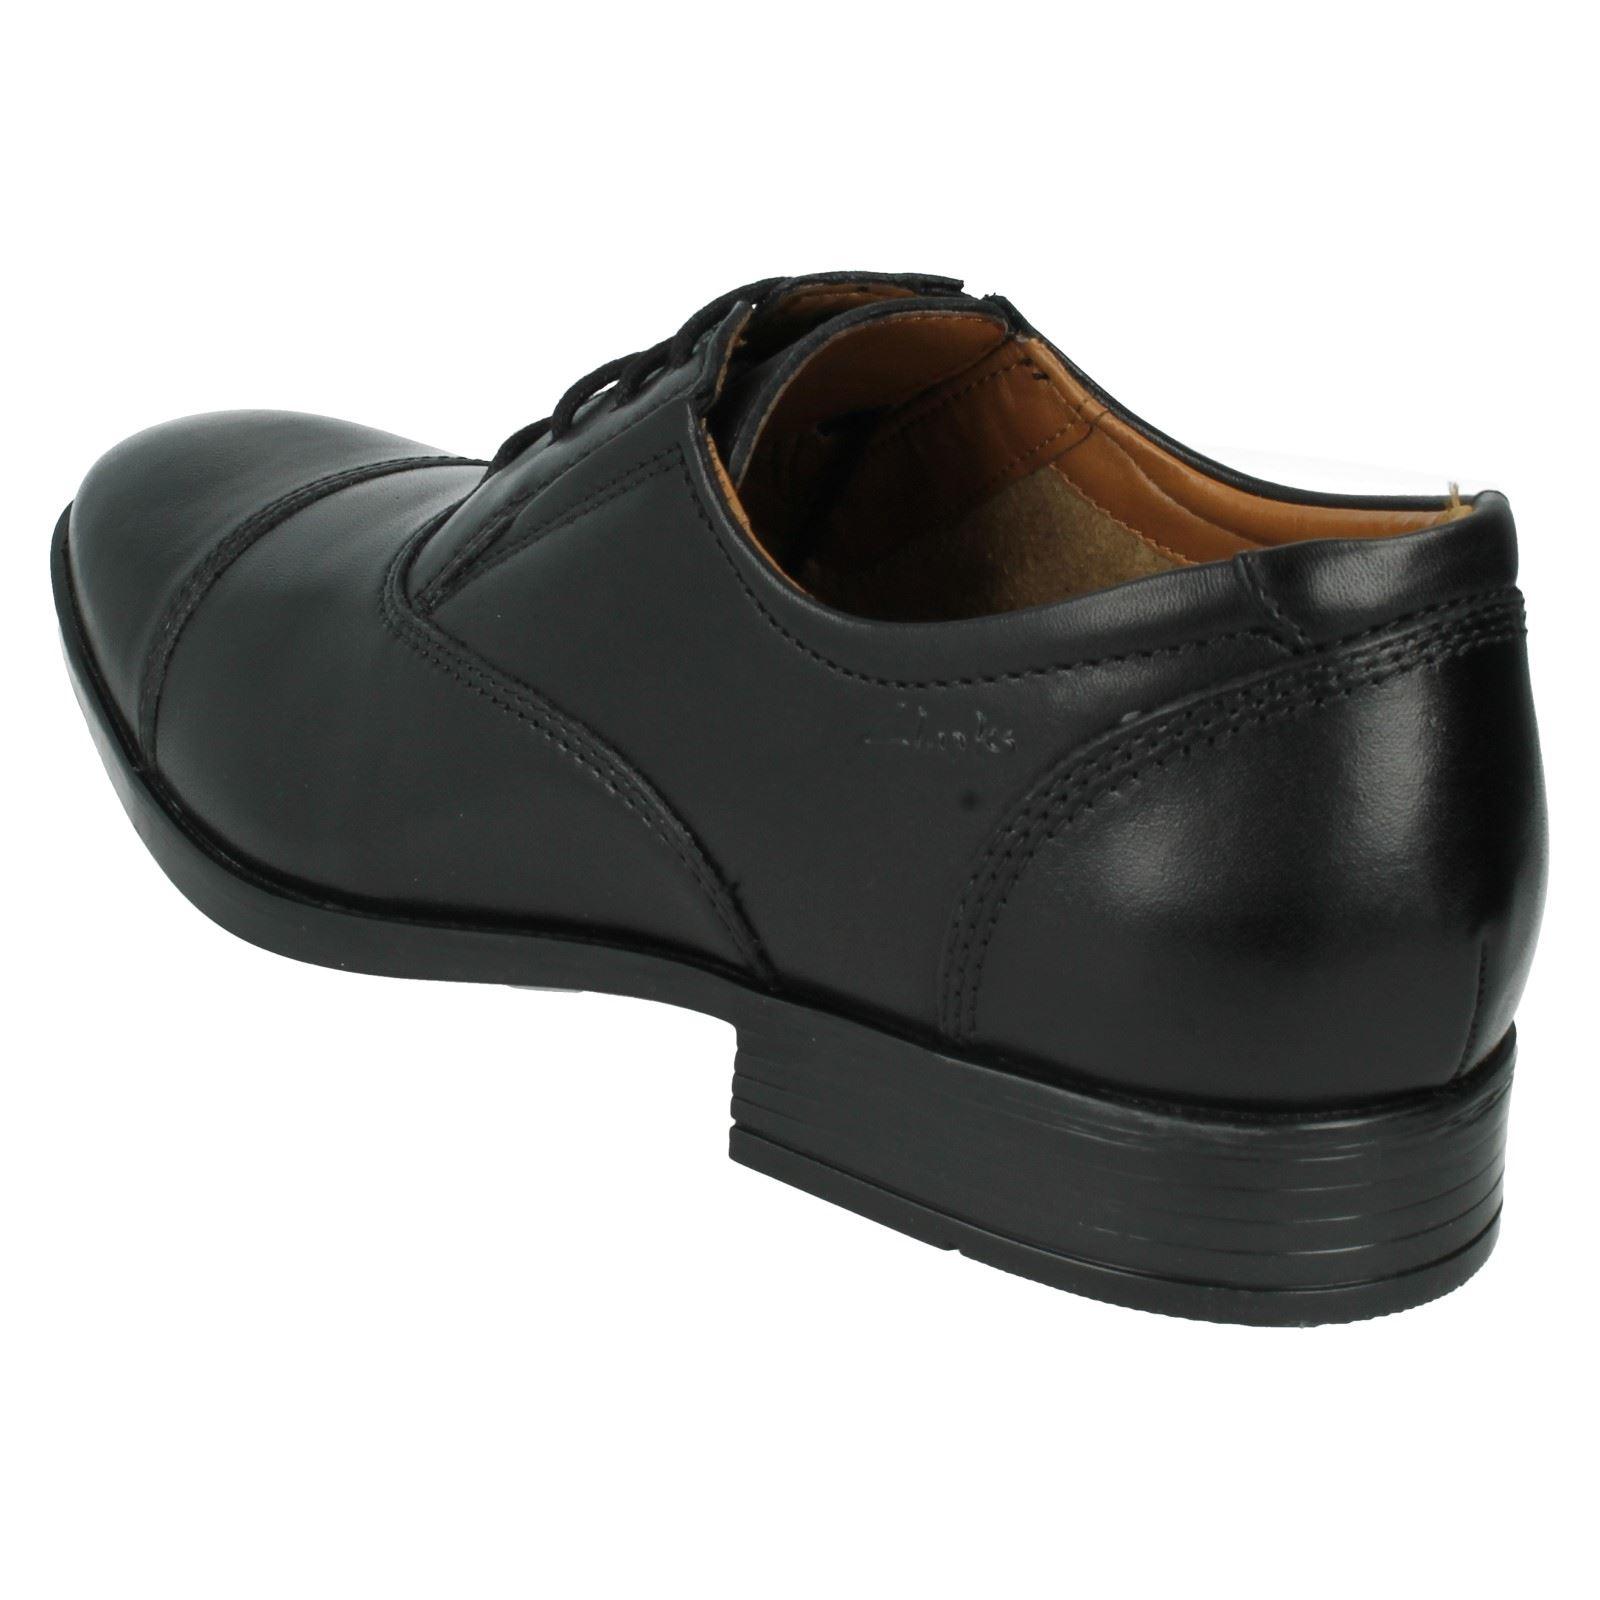 Uomo Cap Clarks Formal Schuhes Kalden Cap Uomo cf1f2f